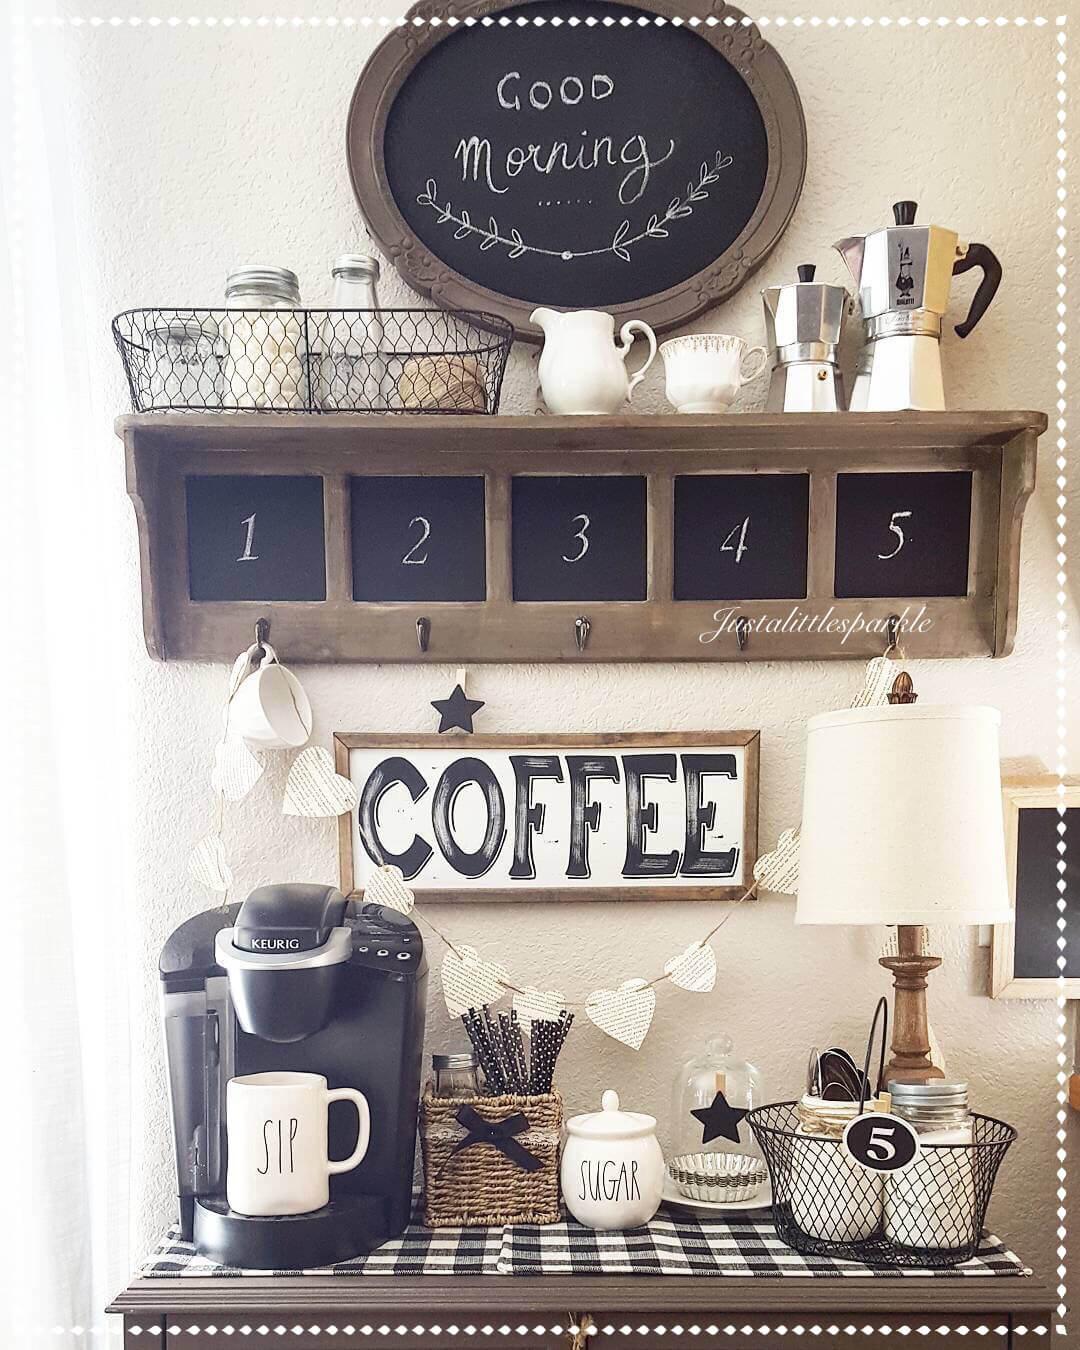 Station de commande de café avec des accents de tableau